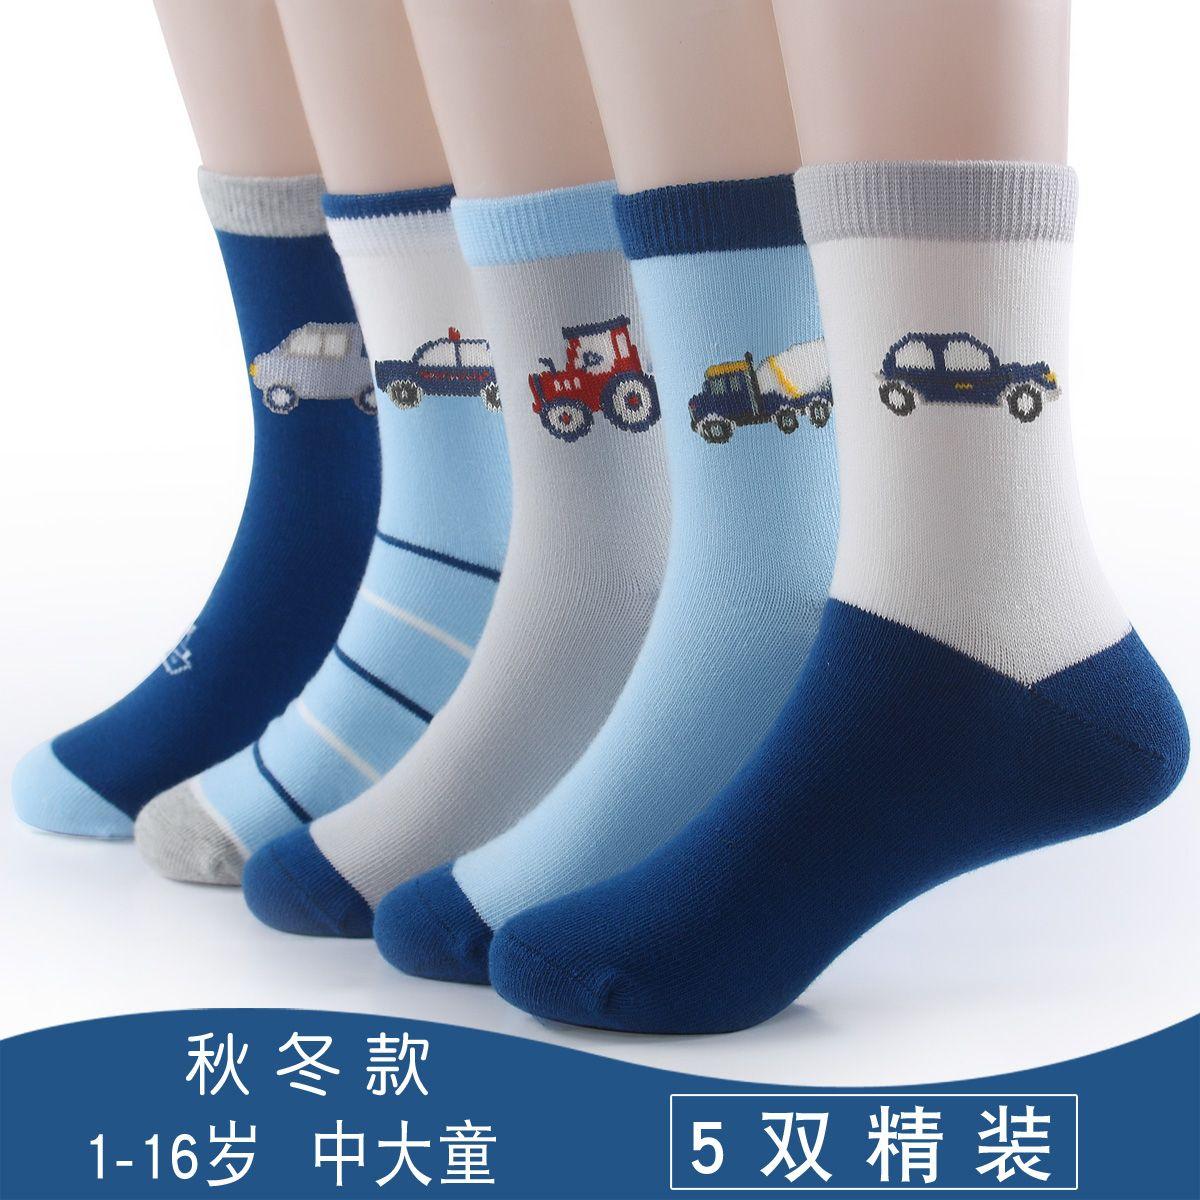 【耐脏吸汗】秋冬儿童袜子男童女童中筒袜男孩小孩袜宝宝春秋童袜